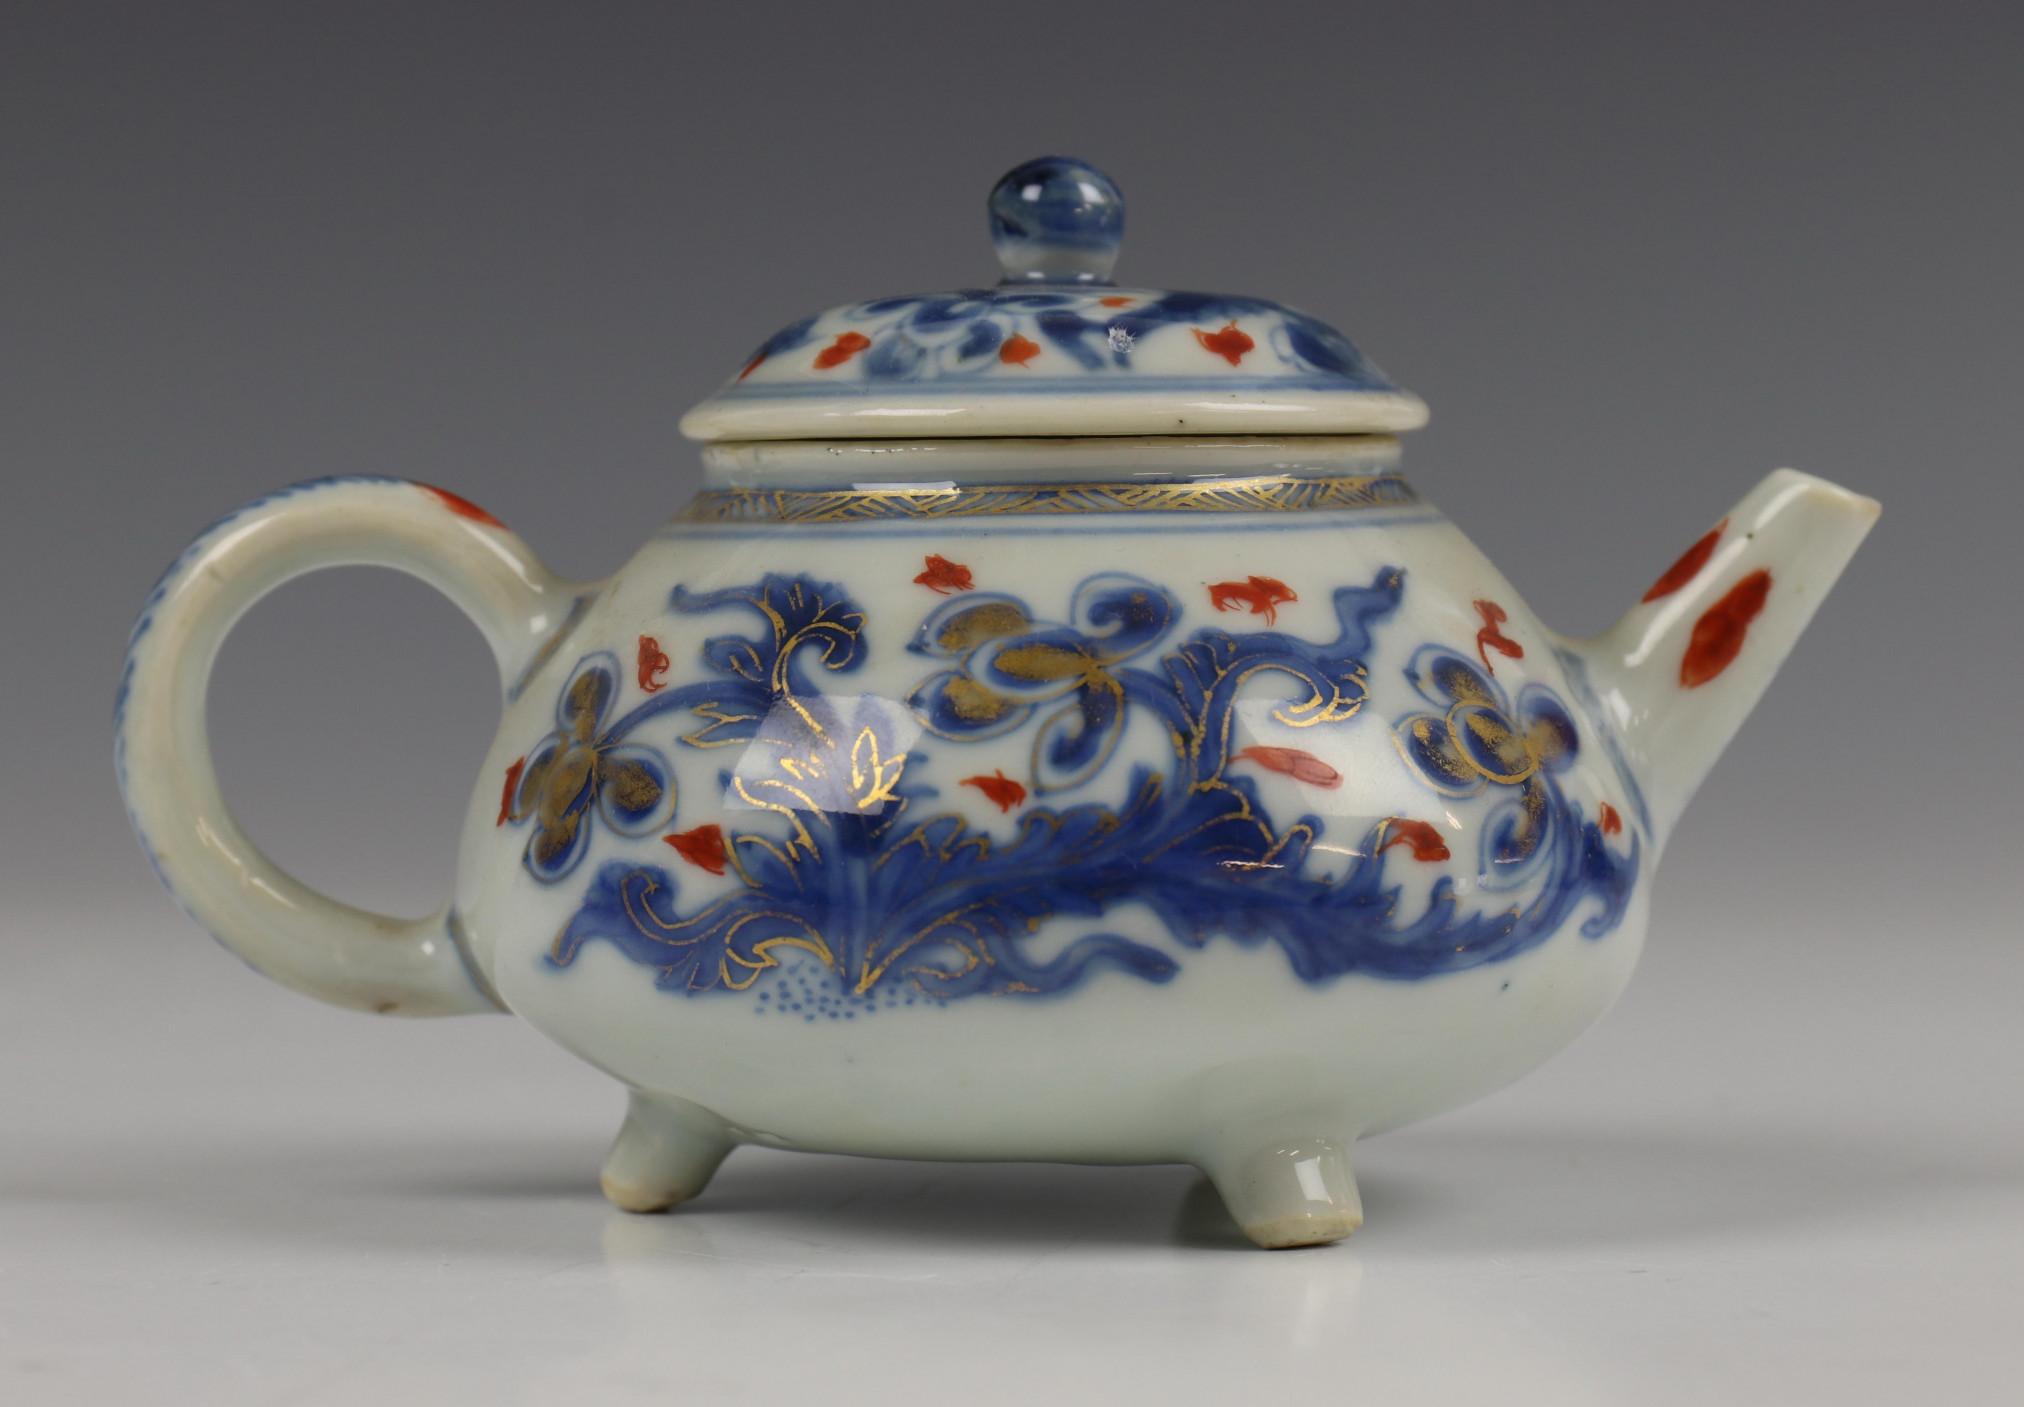 China, blauw-wit porseleinen trekpot, Imari trekpotje en melkkan, 18e eeuw, - Image 14 of 21